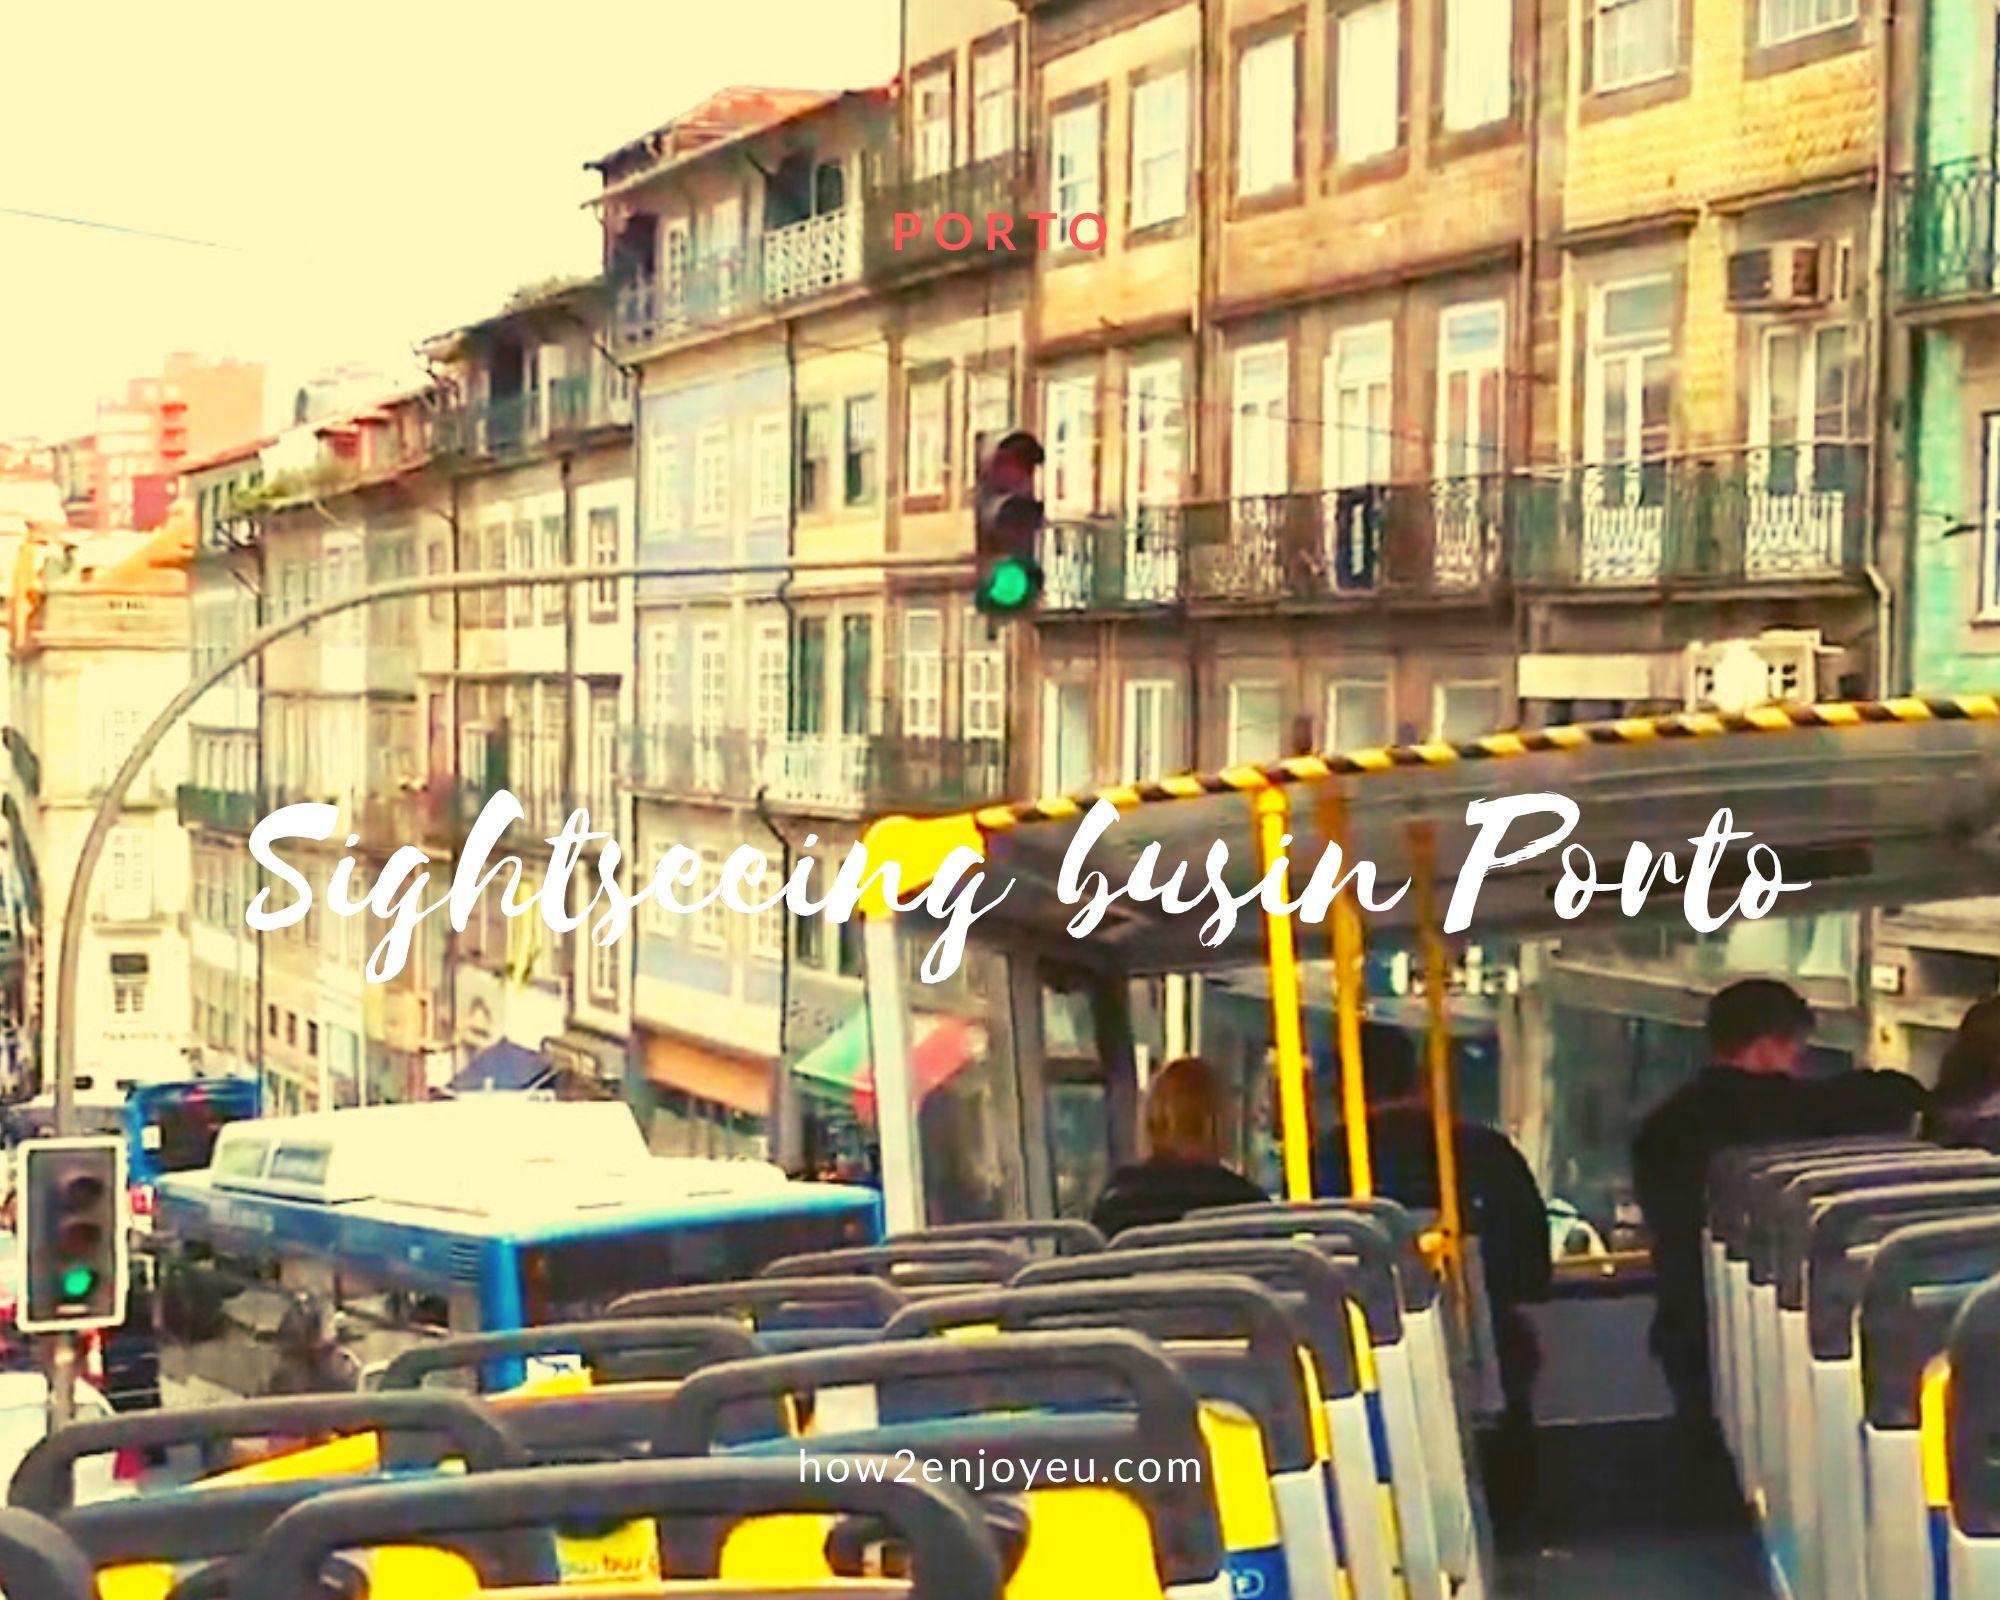 ポルトの観光バス、乗り降り自由で雨の日の観光に超便利、注意点は?